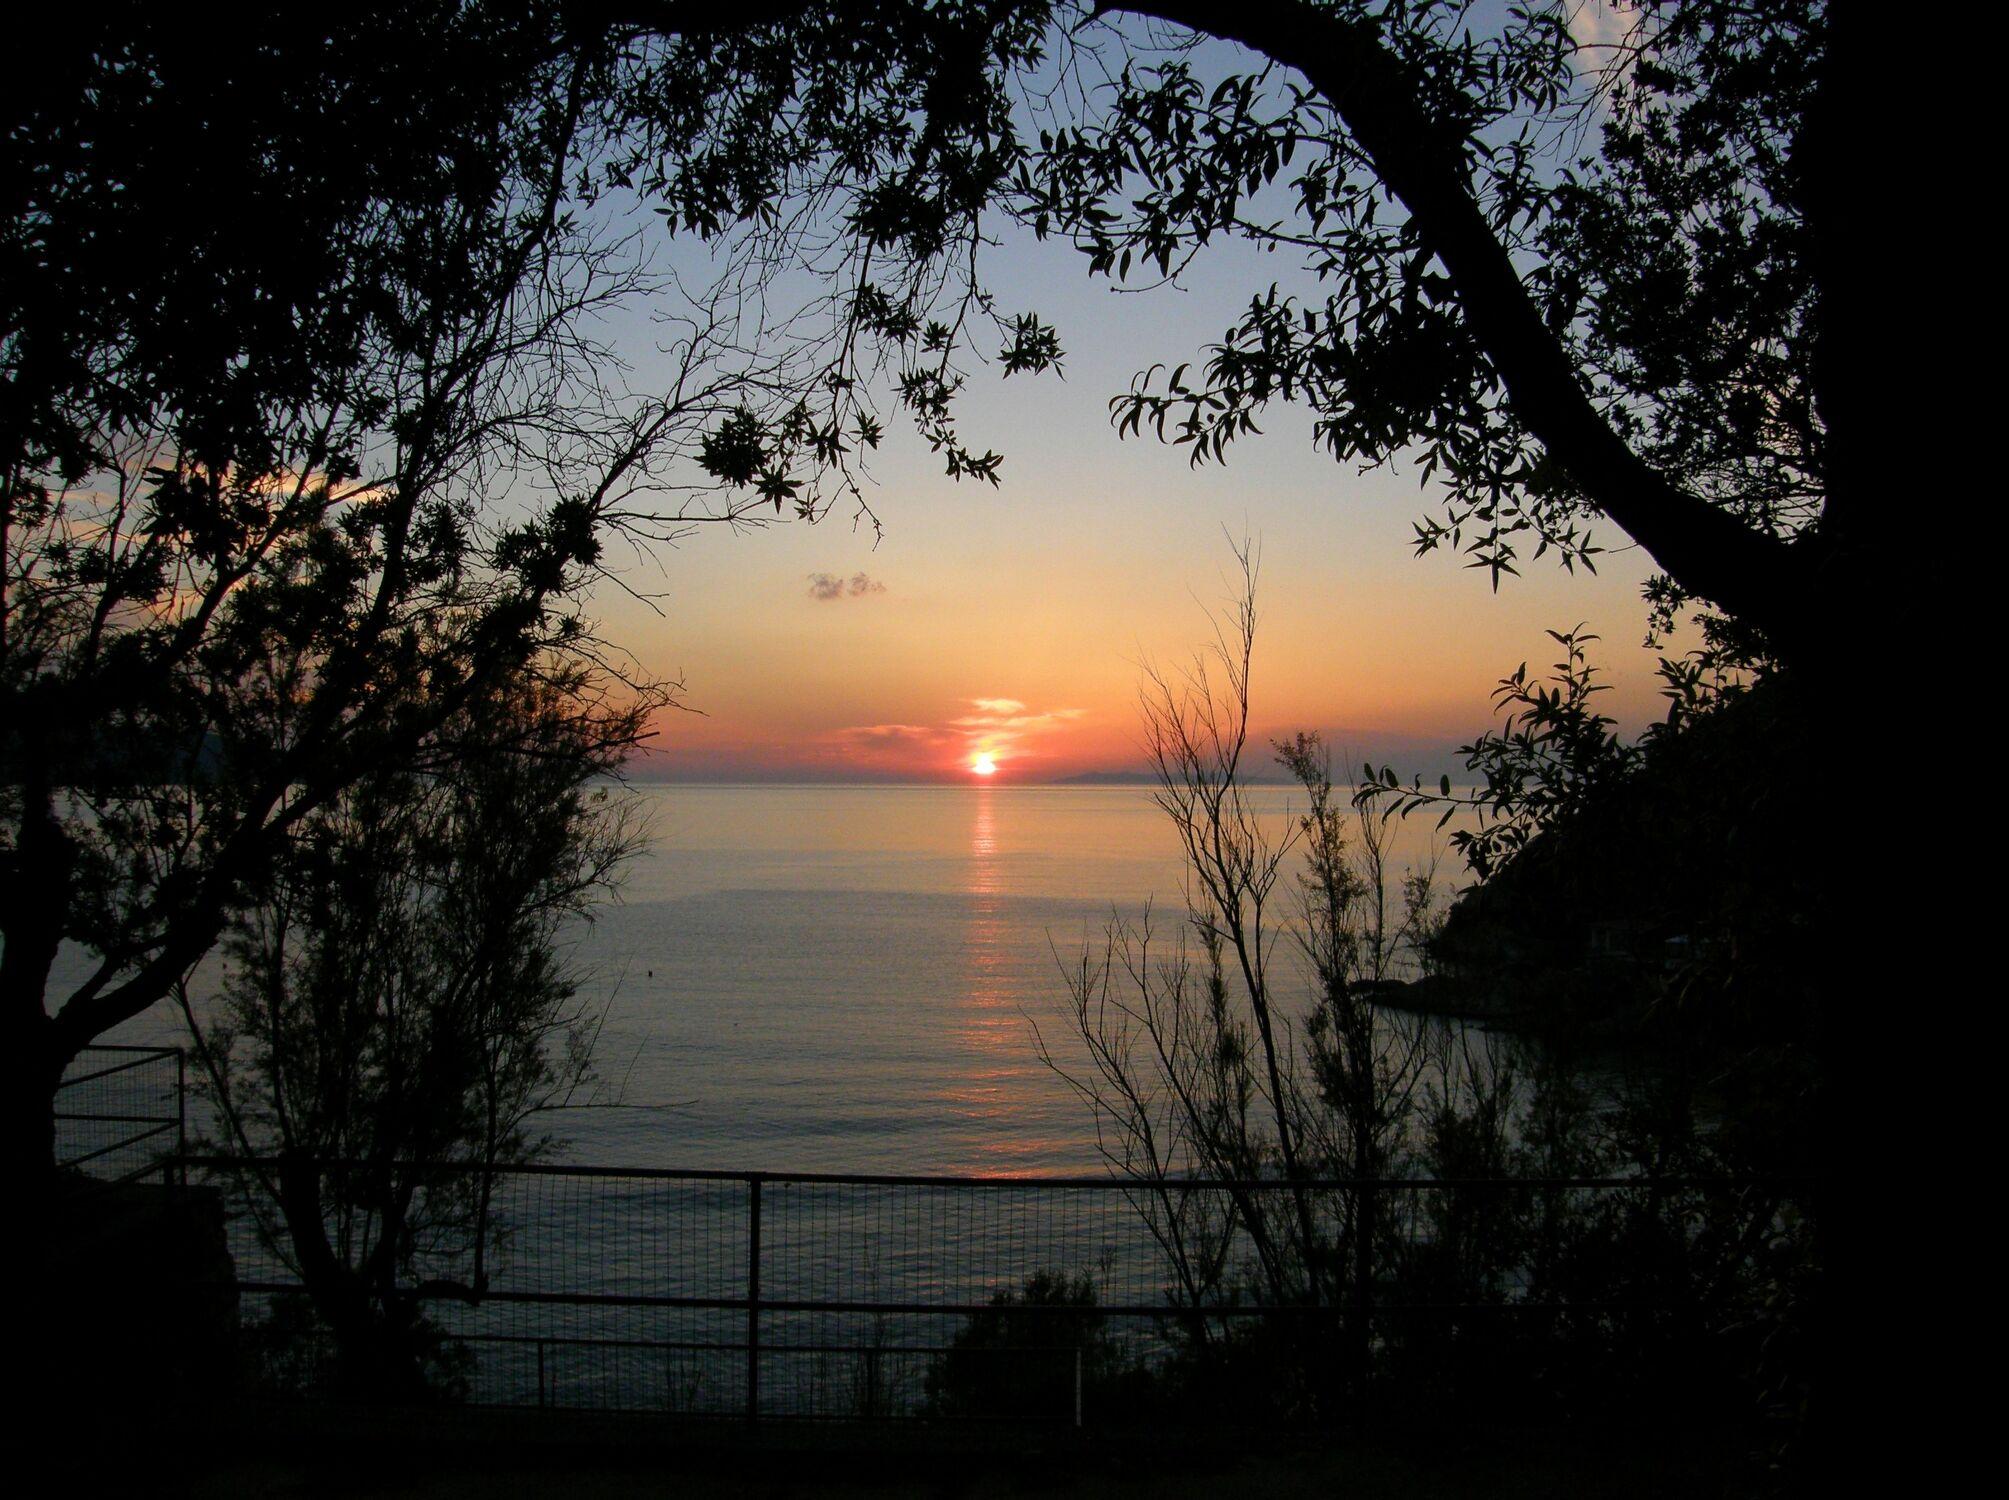 Bild mit Bäume, Strände, Sonnenuntergang, Italien, Sonnenaufgang, Baum, Strand